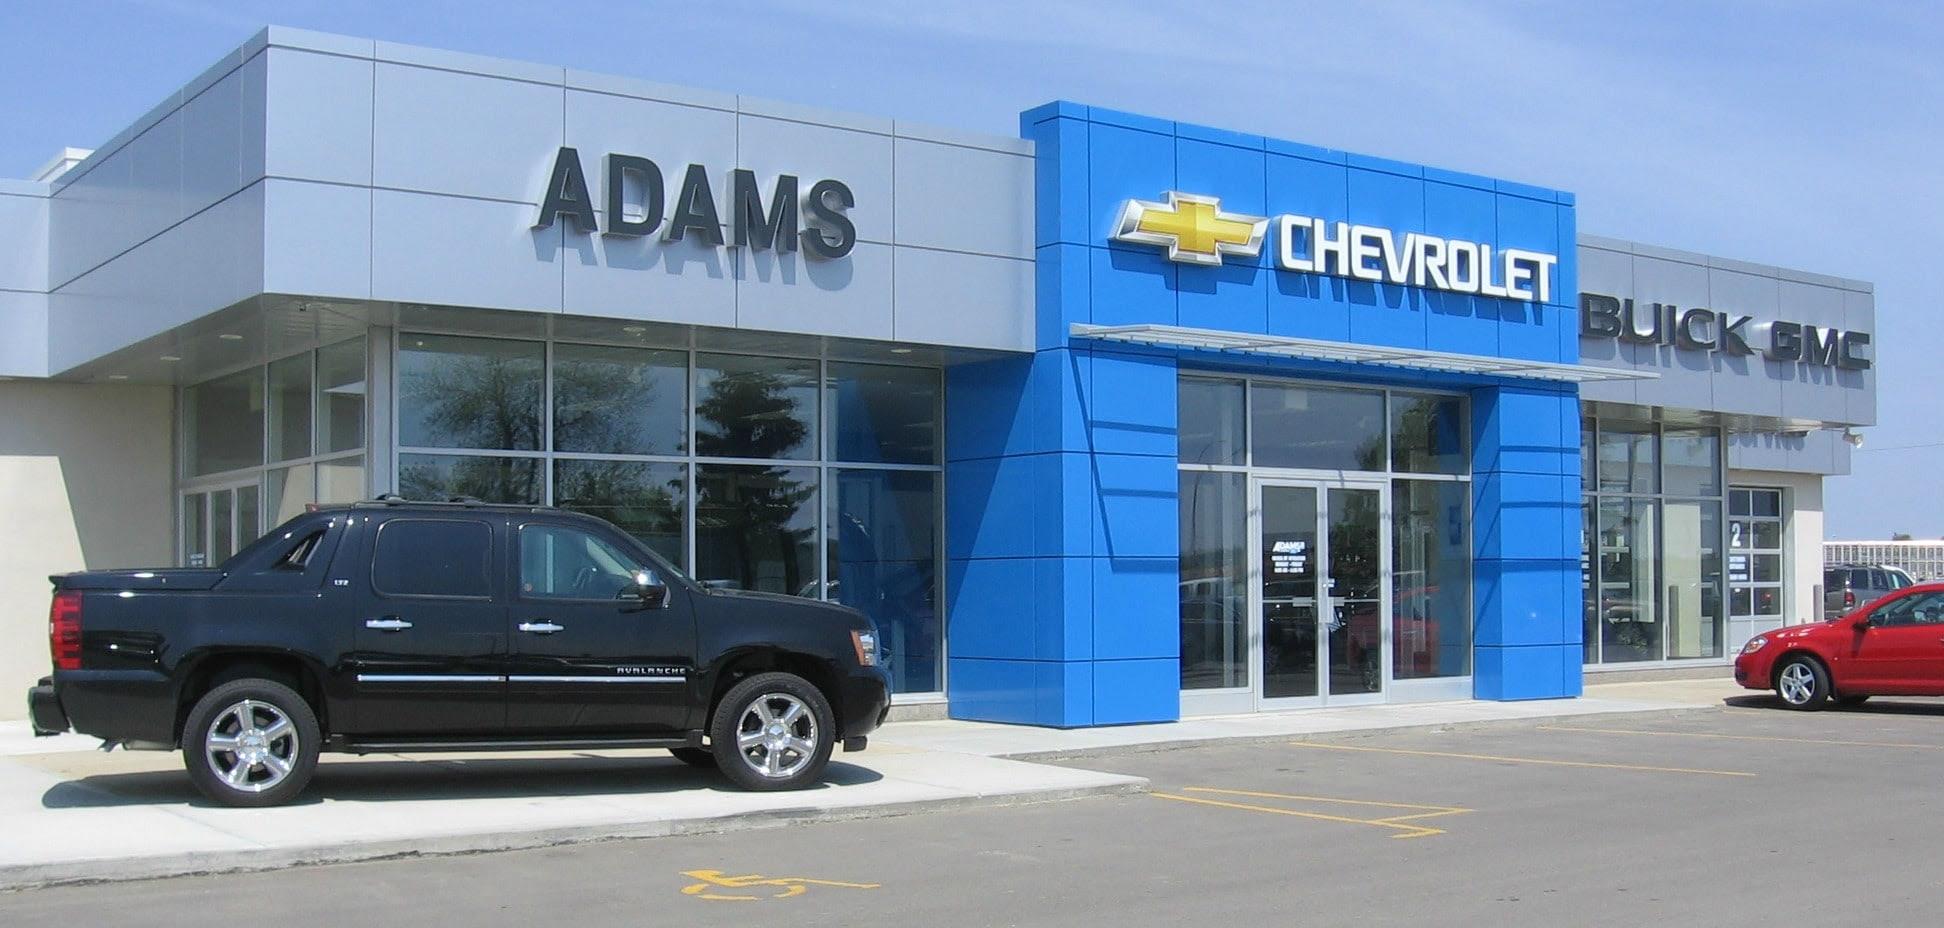 Chevrolet Buick Gmc Dealer In Ponoka Adams Chevrolet Buick Gmc